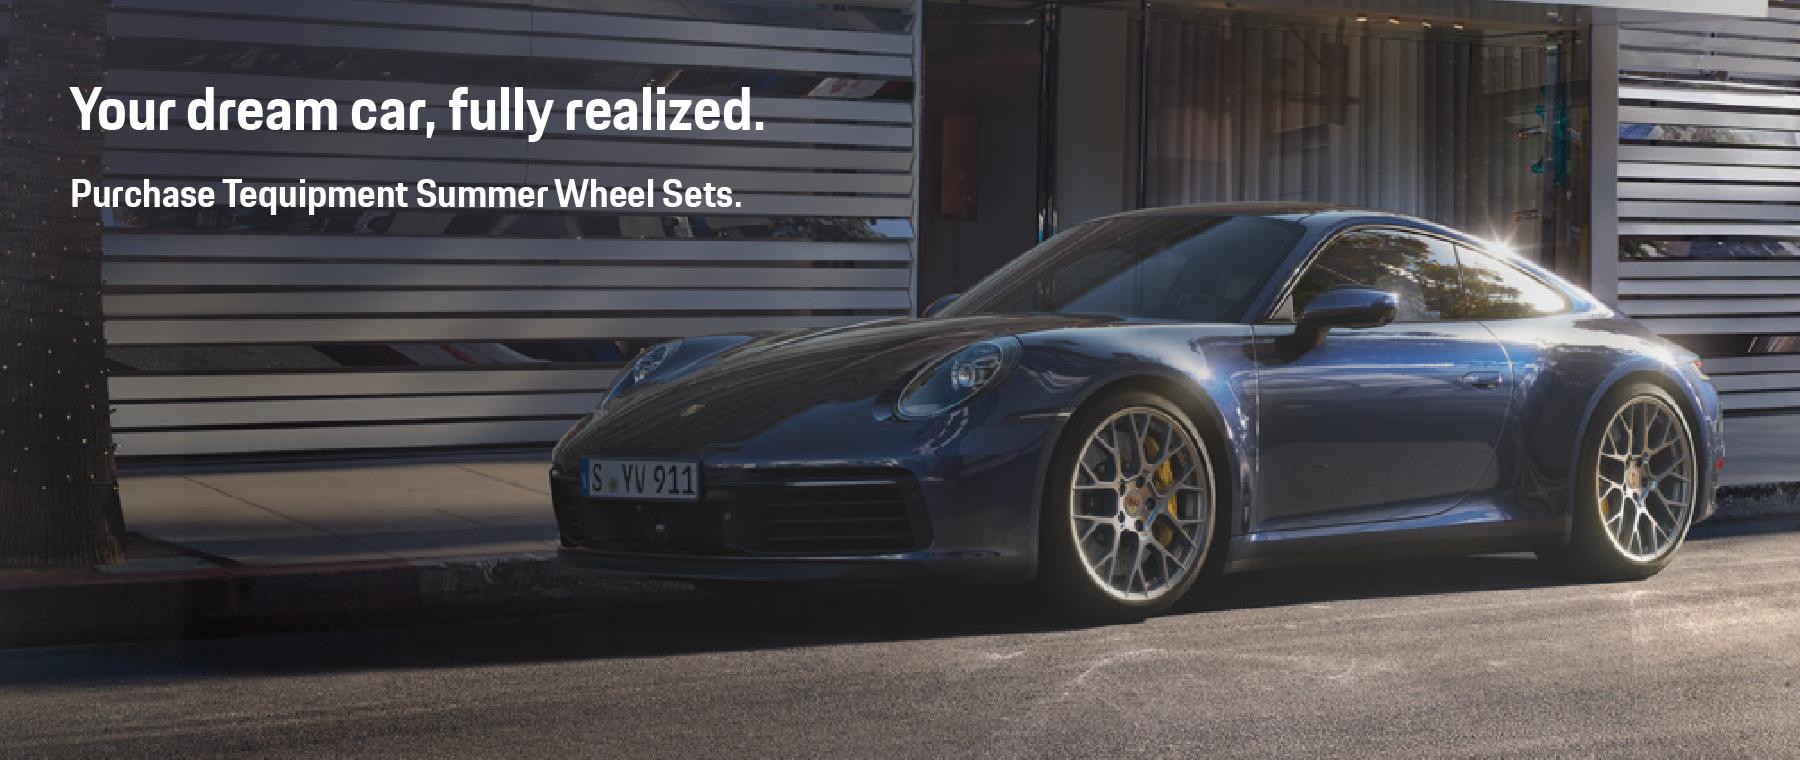 Porsche Wheel Sets